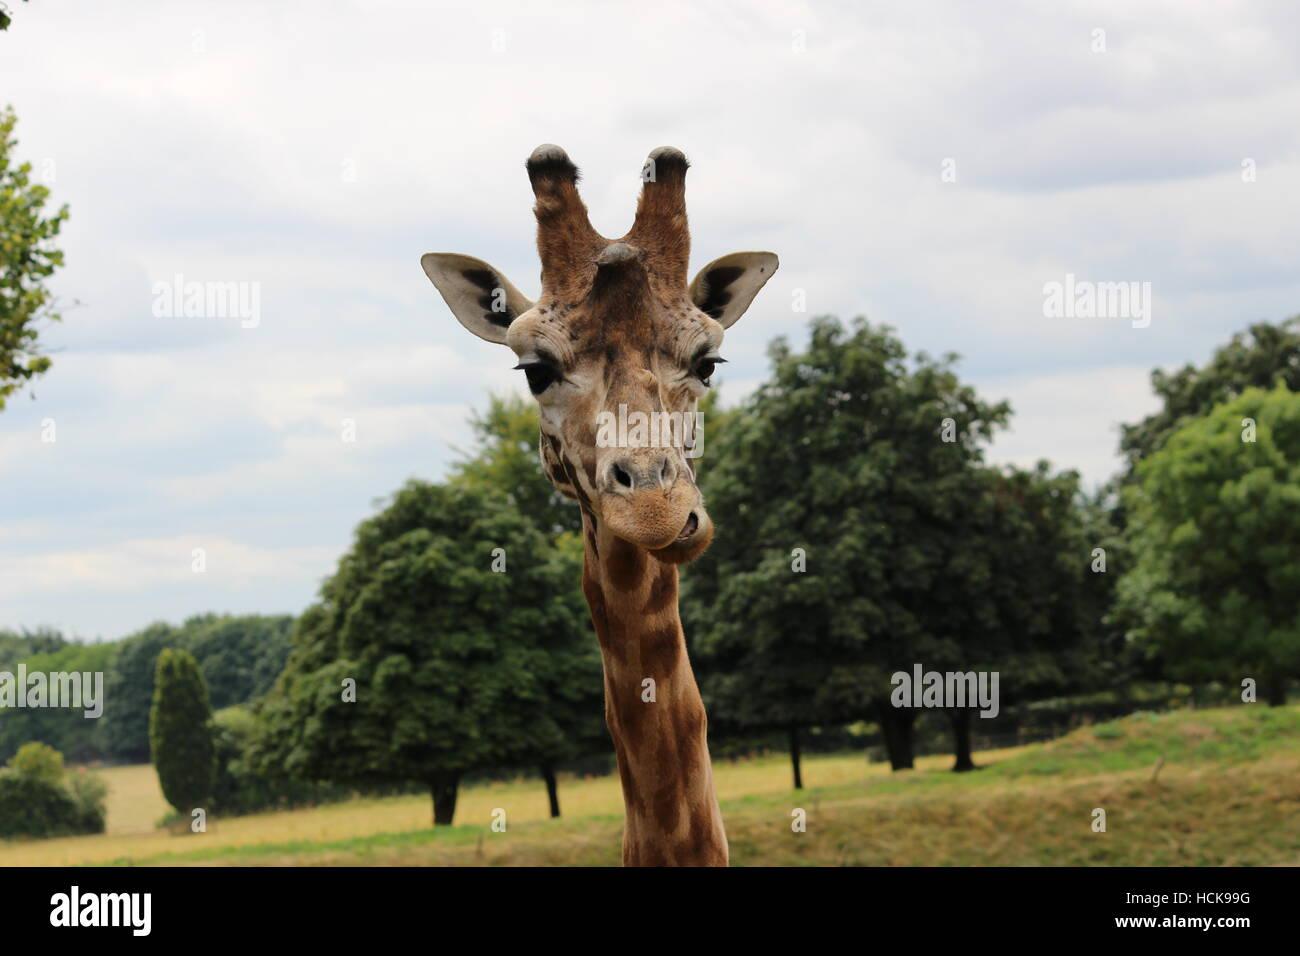 Giraffe Porträt Cotswold Wildlife Park jungen Jugendlichen stolz Kopfschuss Kopf sprechen Stockbild